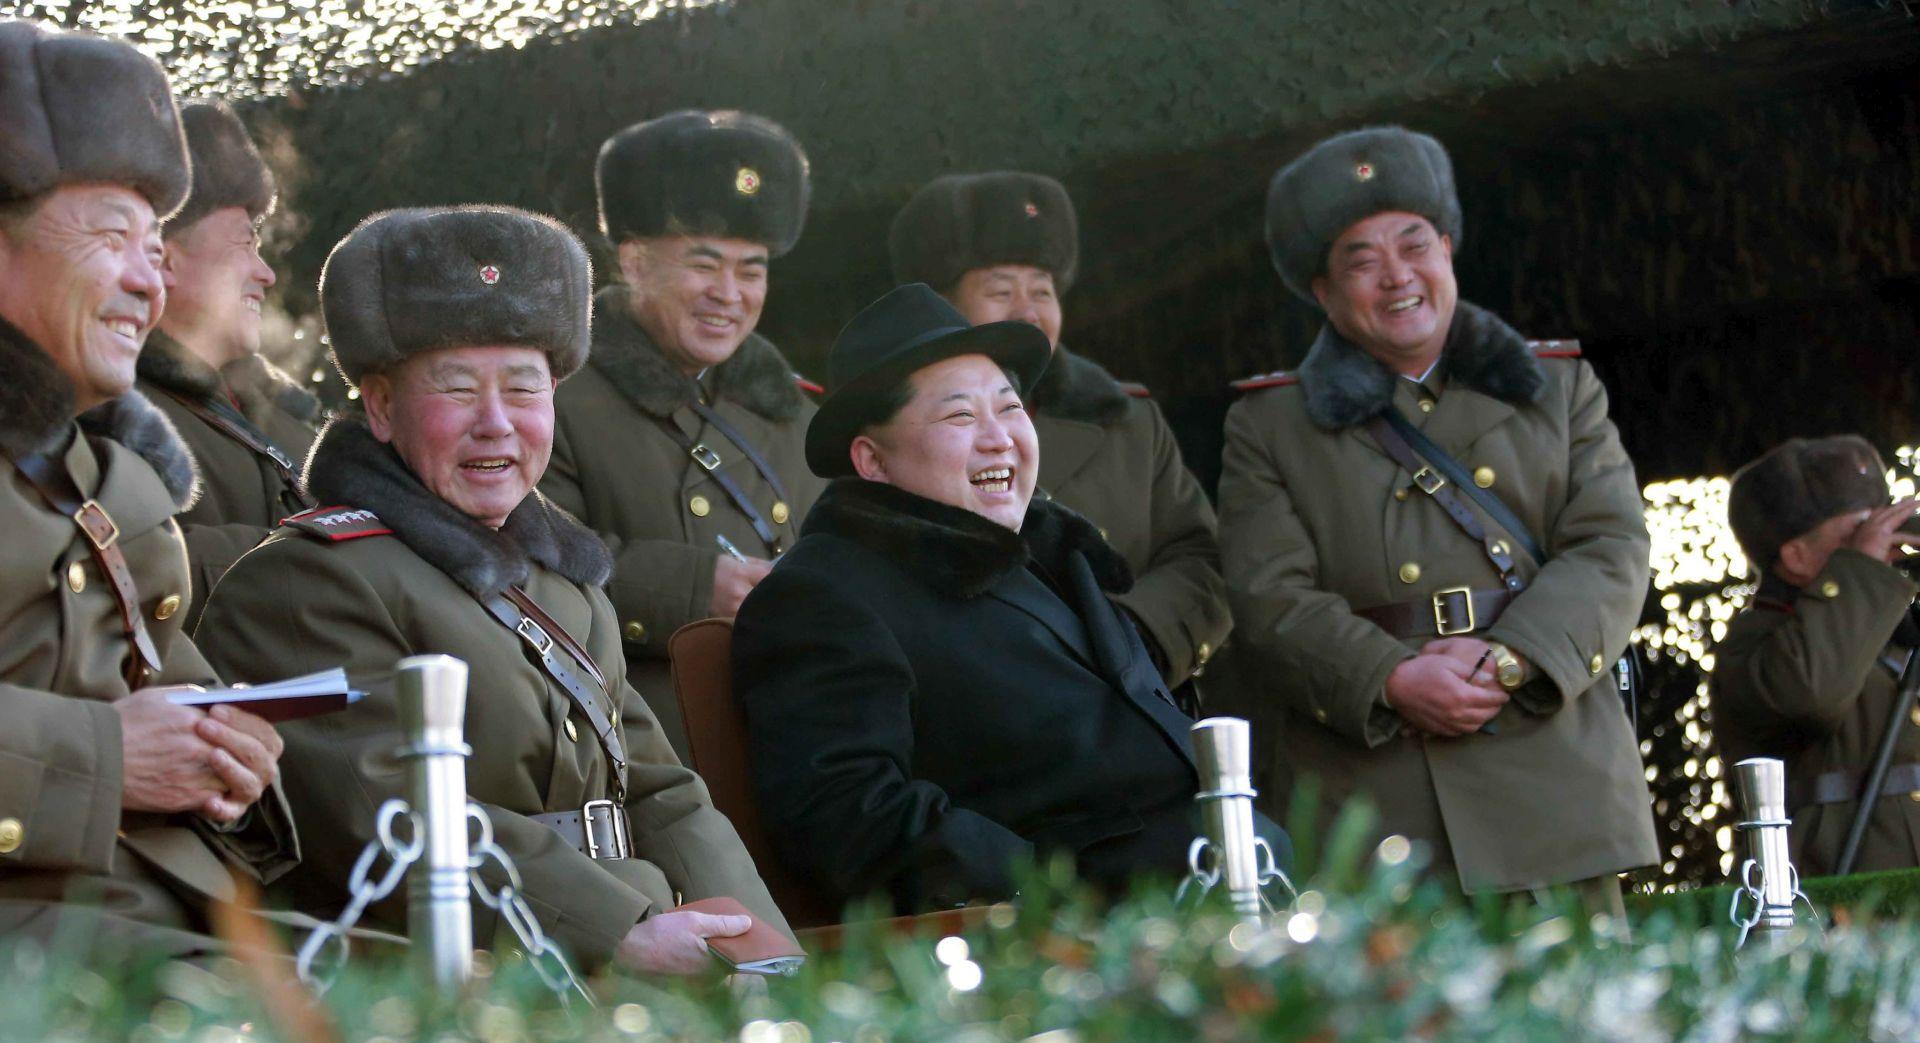 Deset ključnih datuma sjevernokorejskog nuklearnog programa